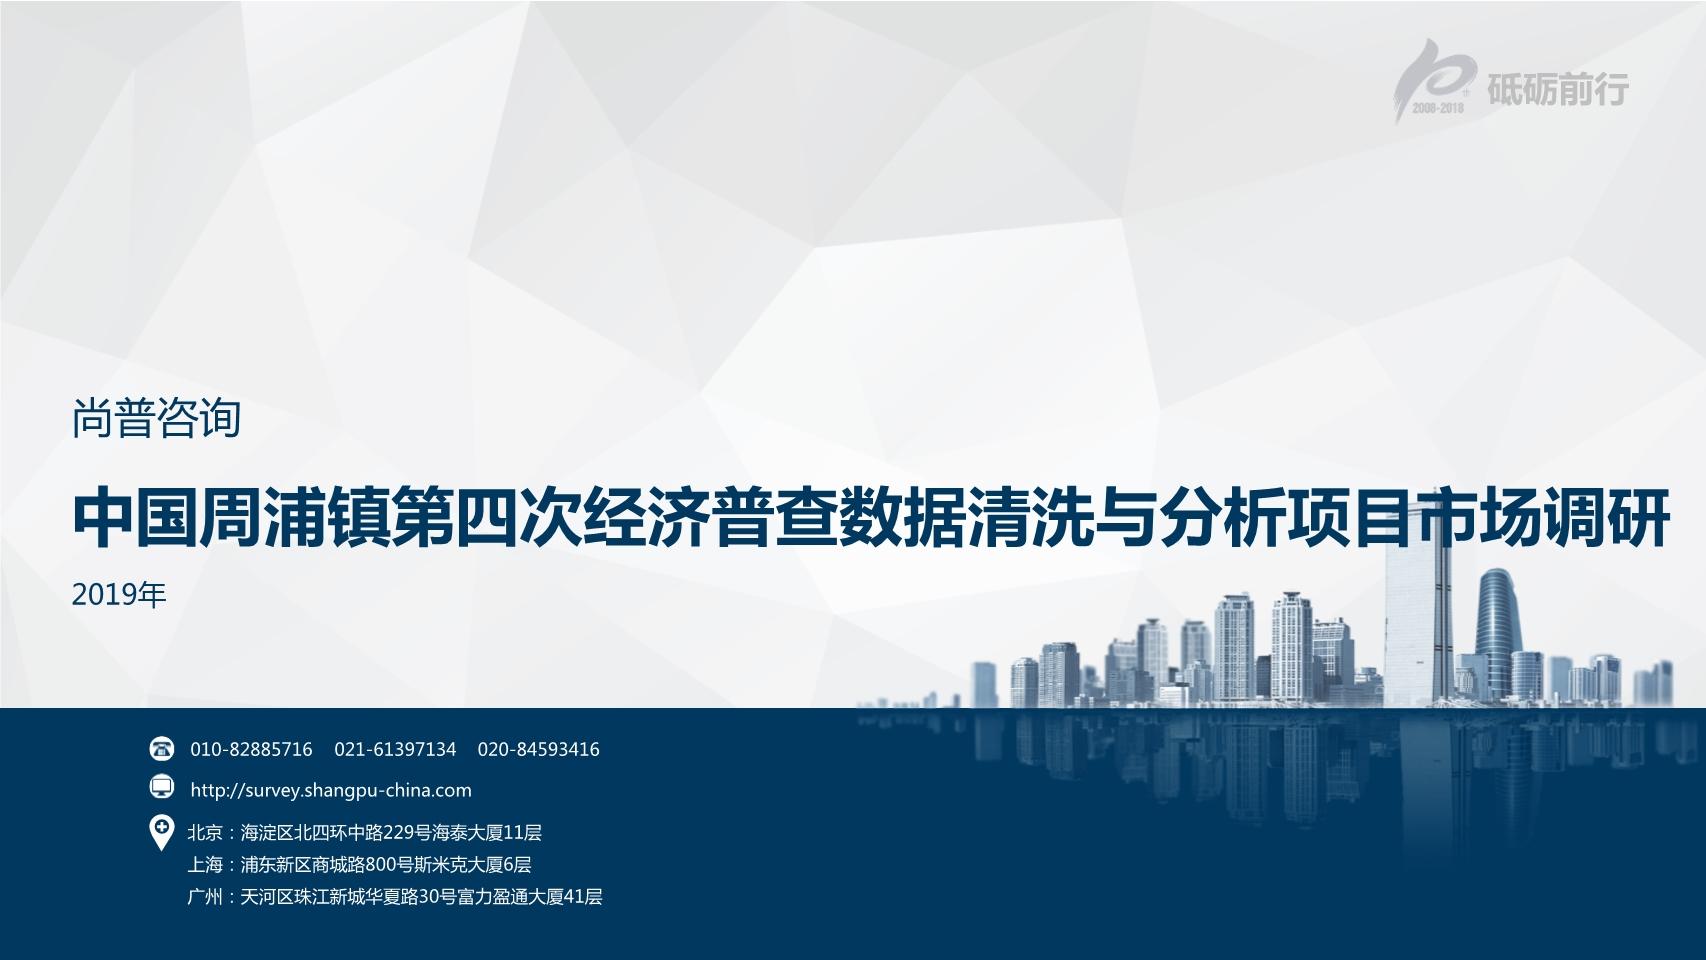 尚普咨询-中国周浦镇第四次经济普查数据清洗与分析项目市场调研